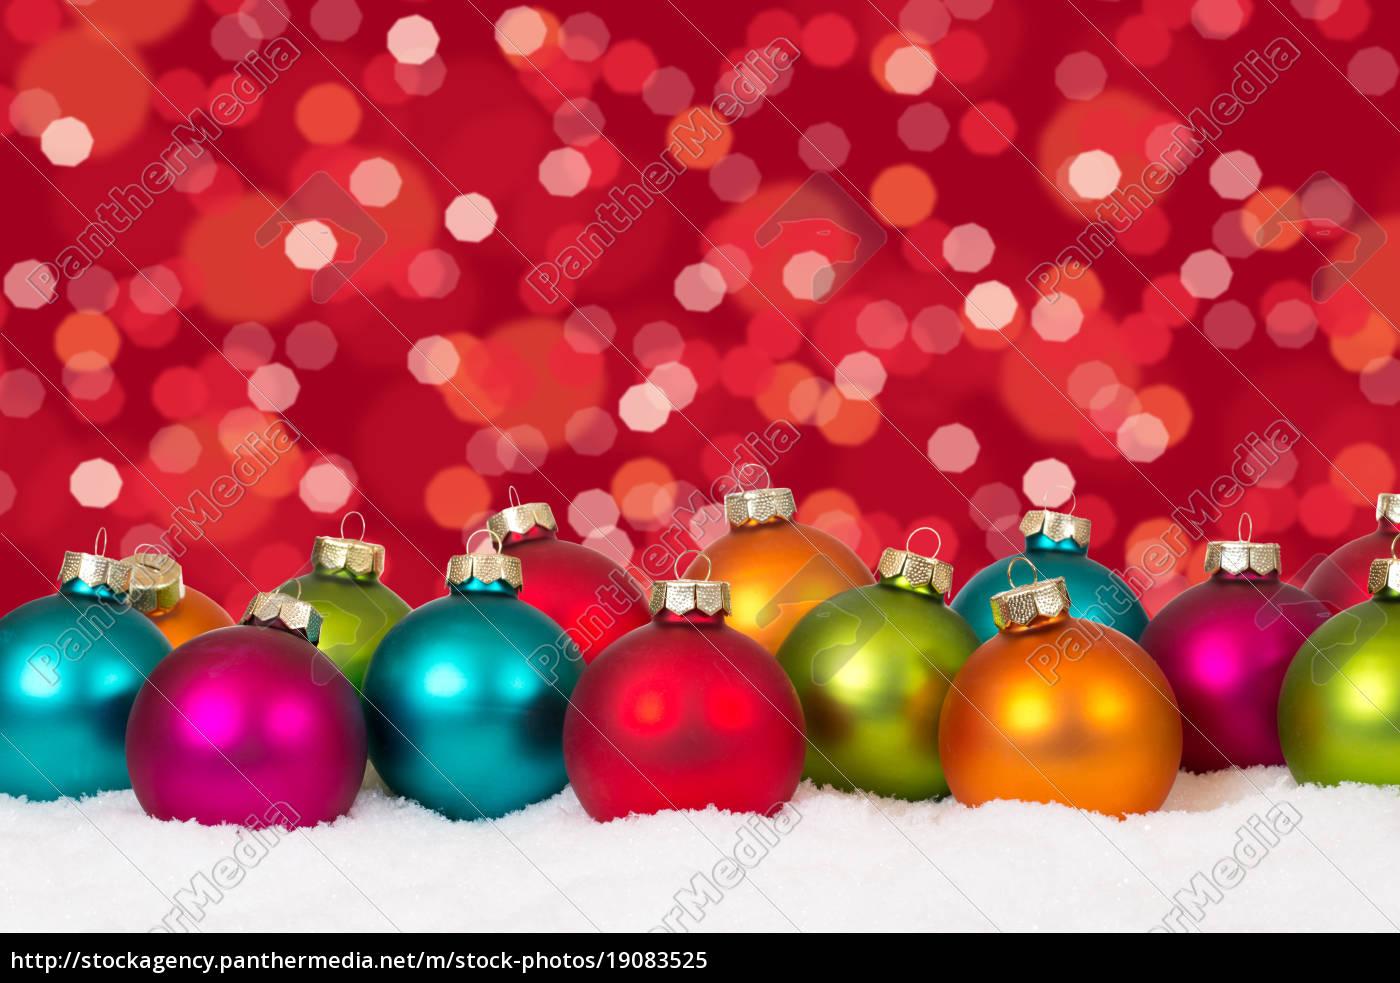 Colorful Christmas Balls.Royalty Free Image 19083525 Christmas Many Colorful Christmas Balls Decoration Snow